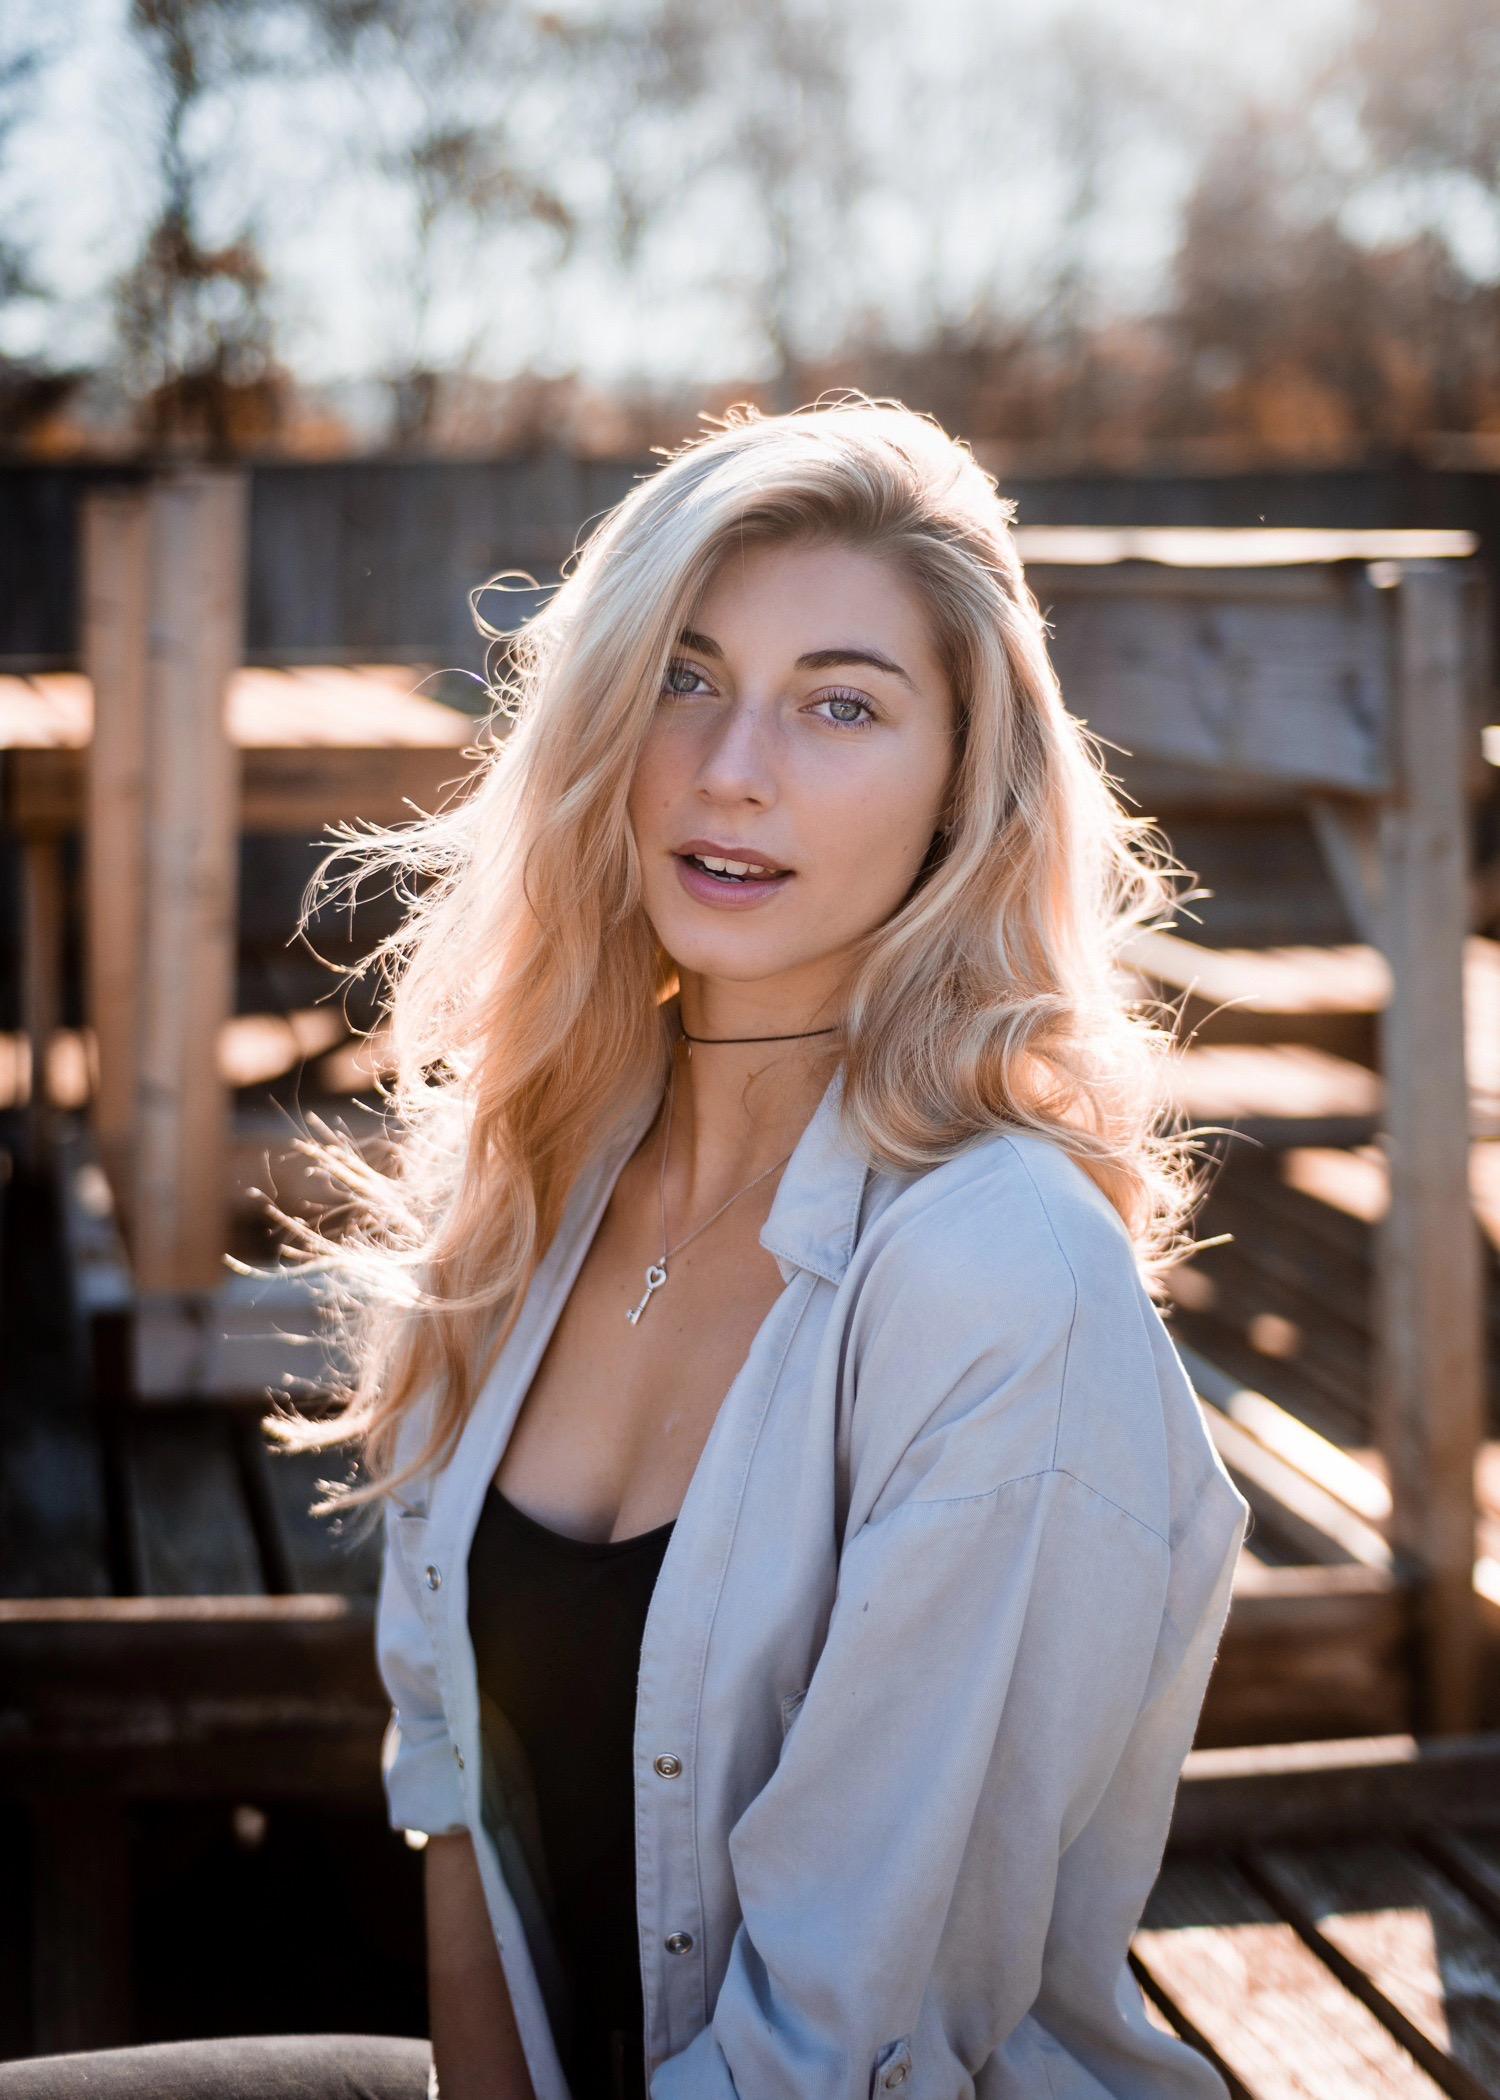 Shine-Female-Model-London-Ella-Commerical-006.jpg#asset:51494